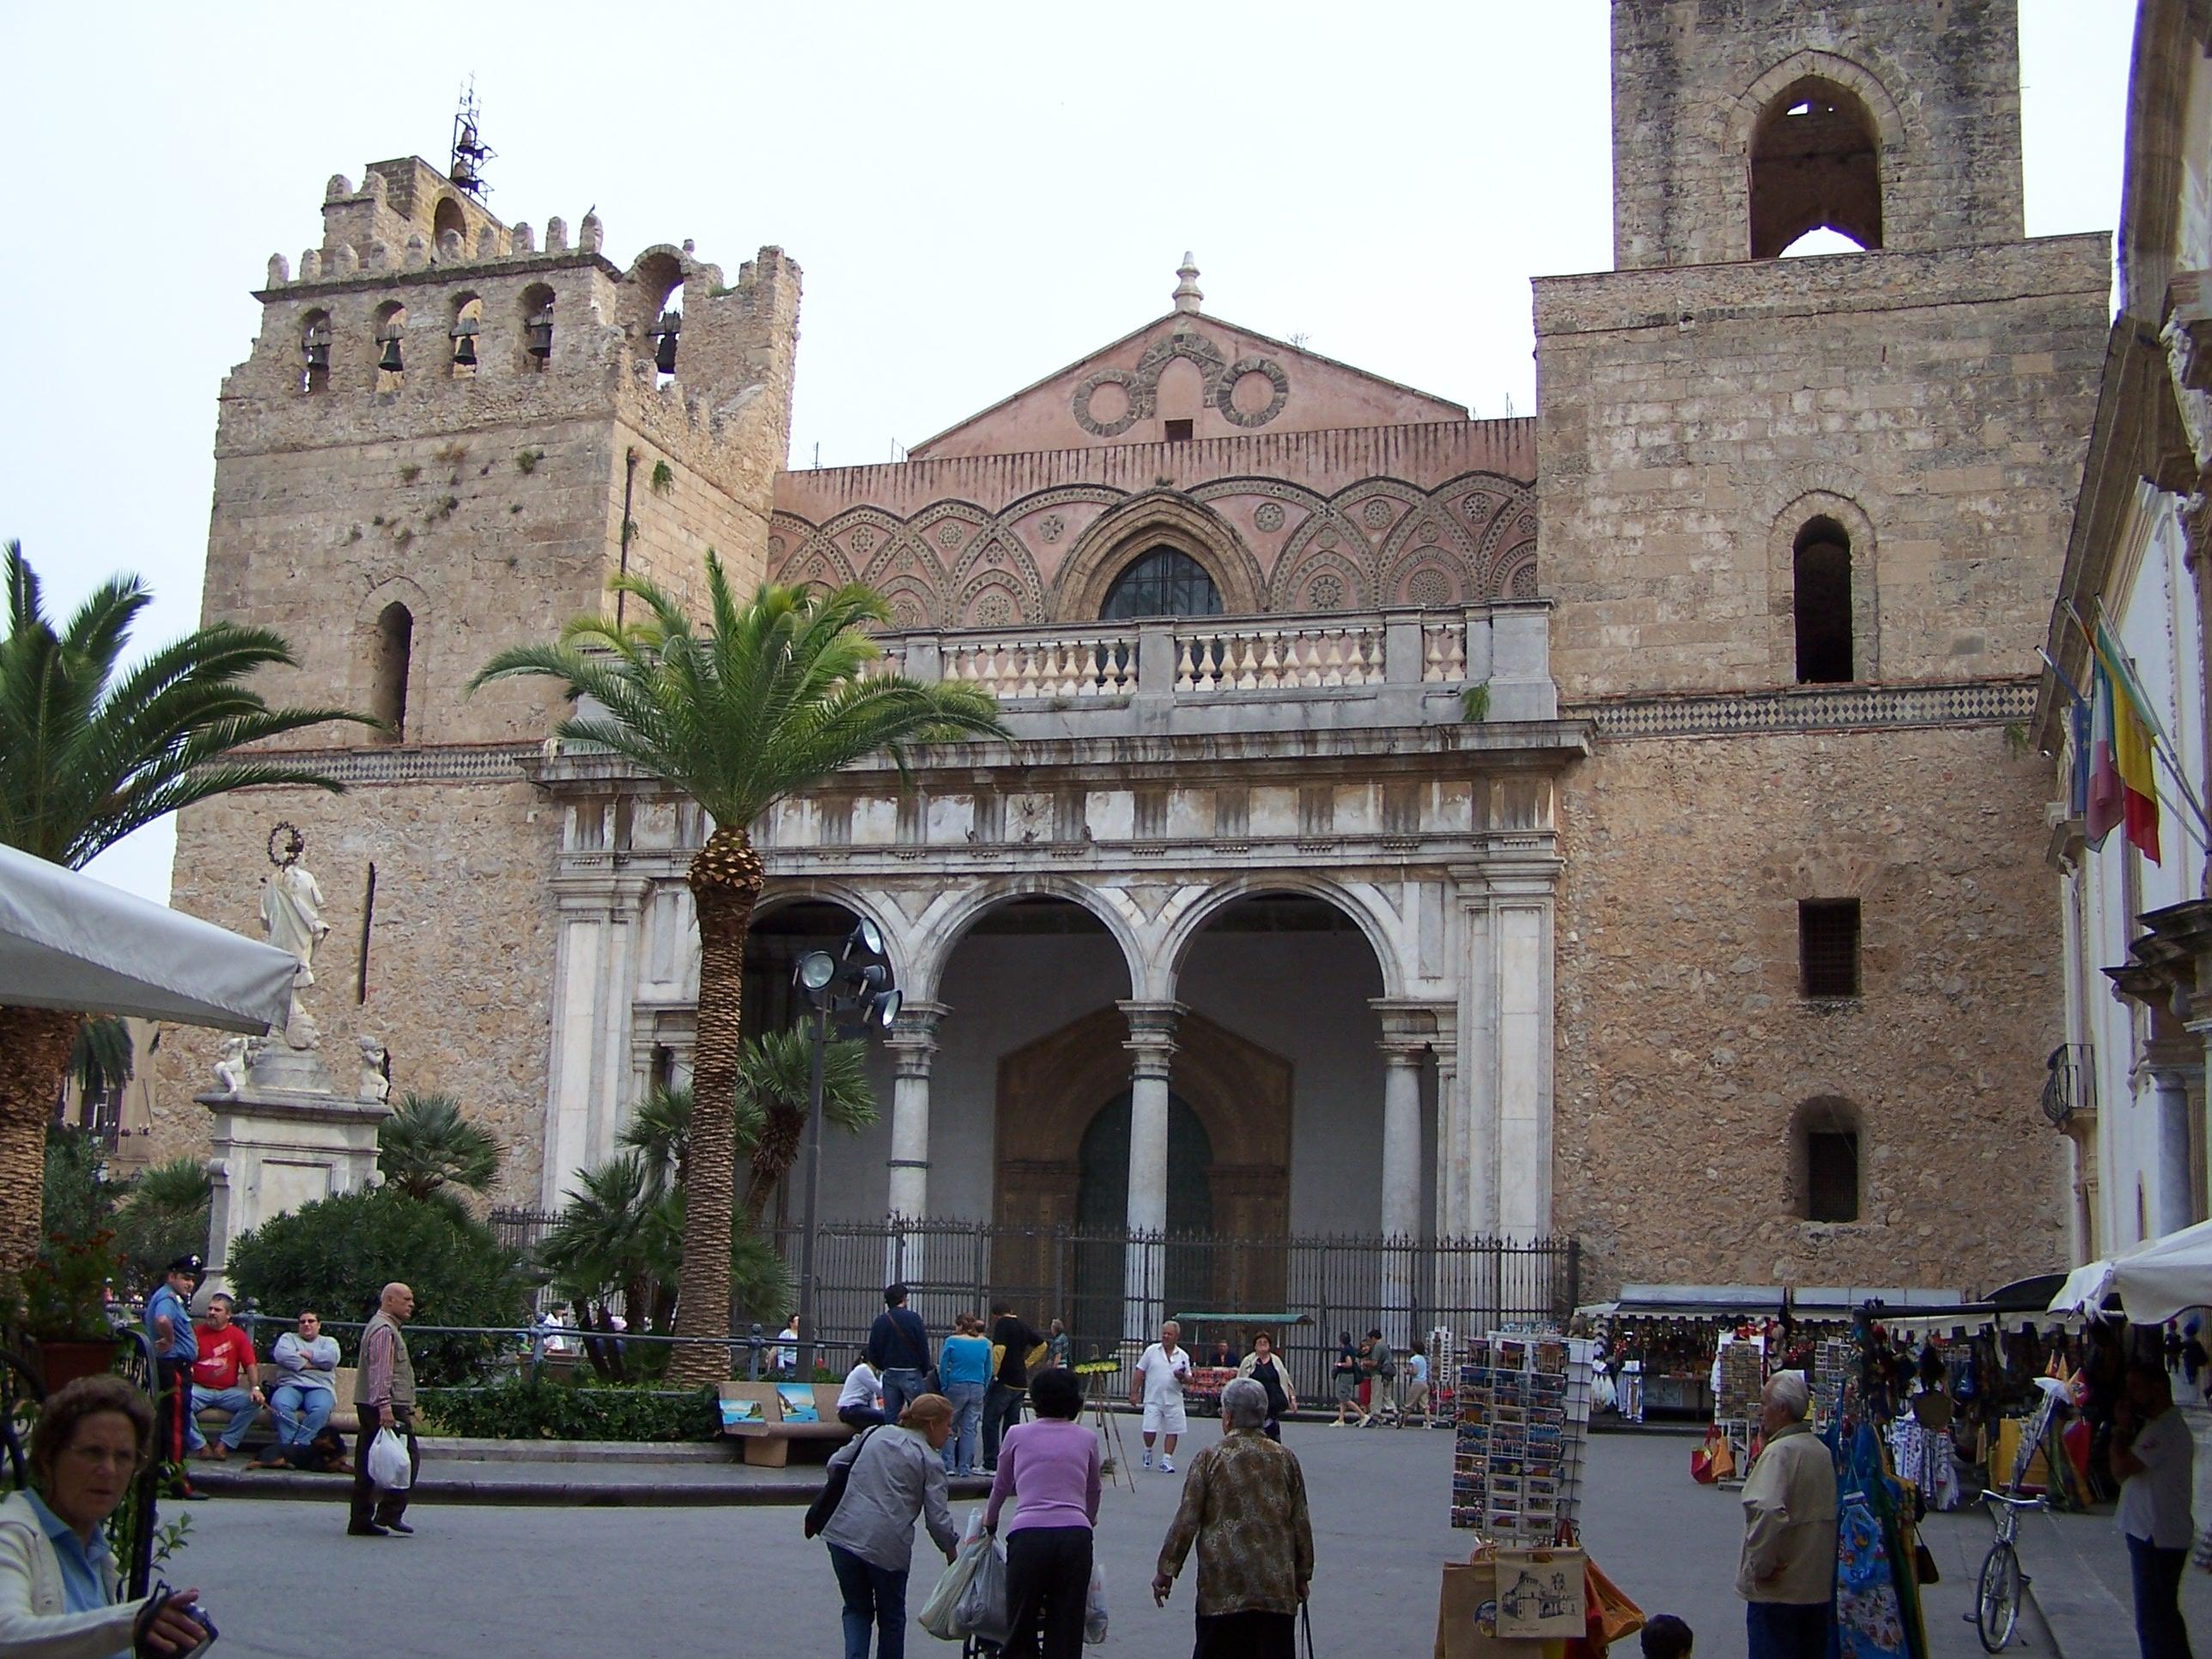 Monreale mooie kloosters in het kleine monreale - Verblijf kathedraal ...